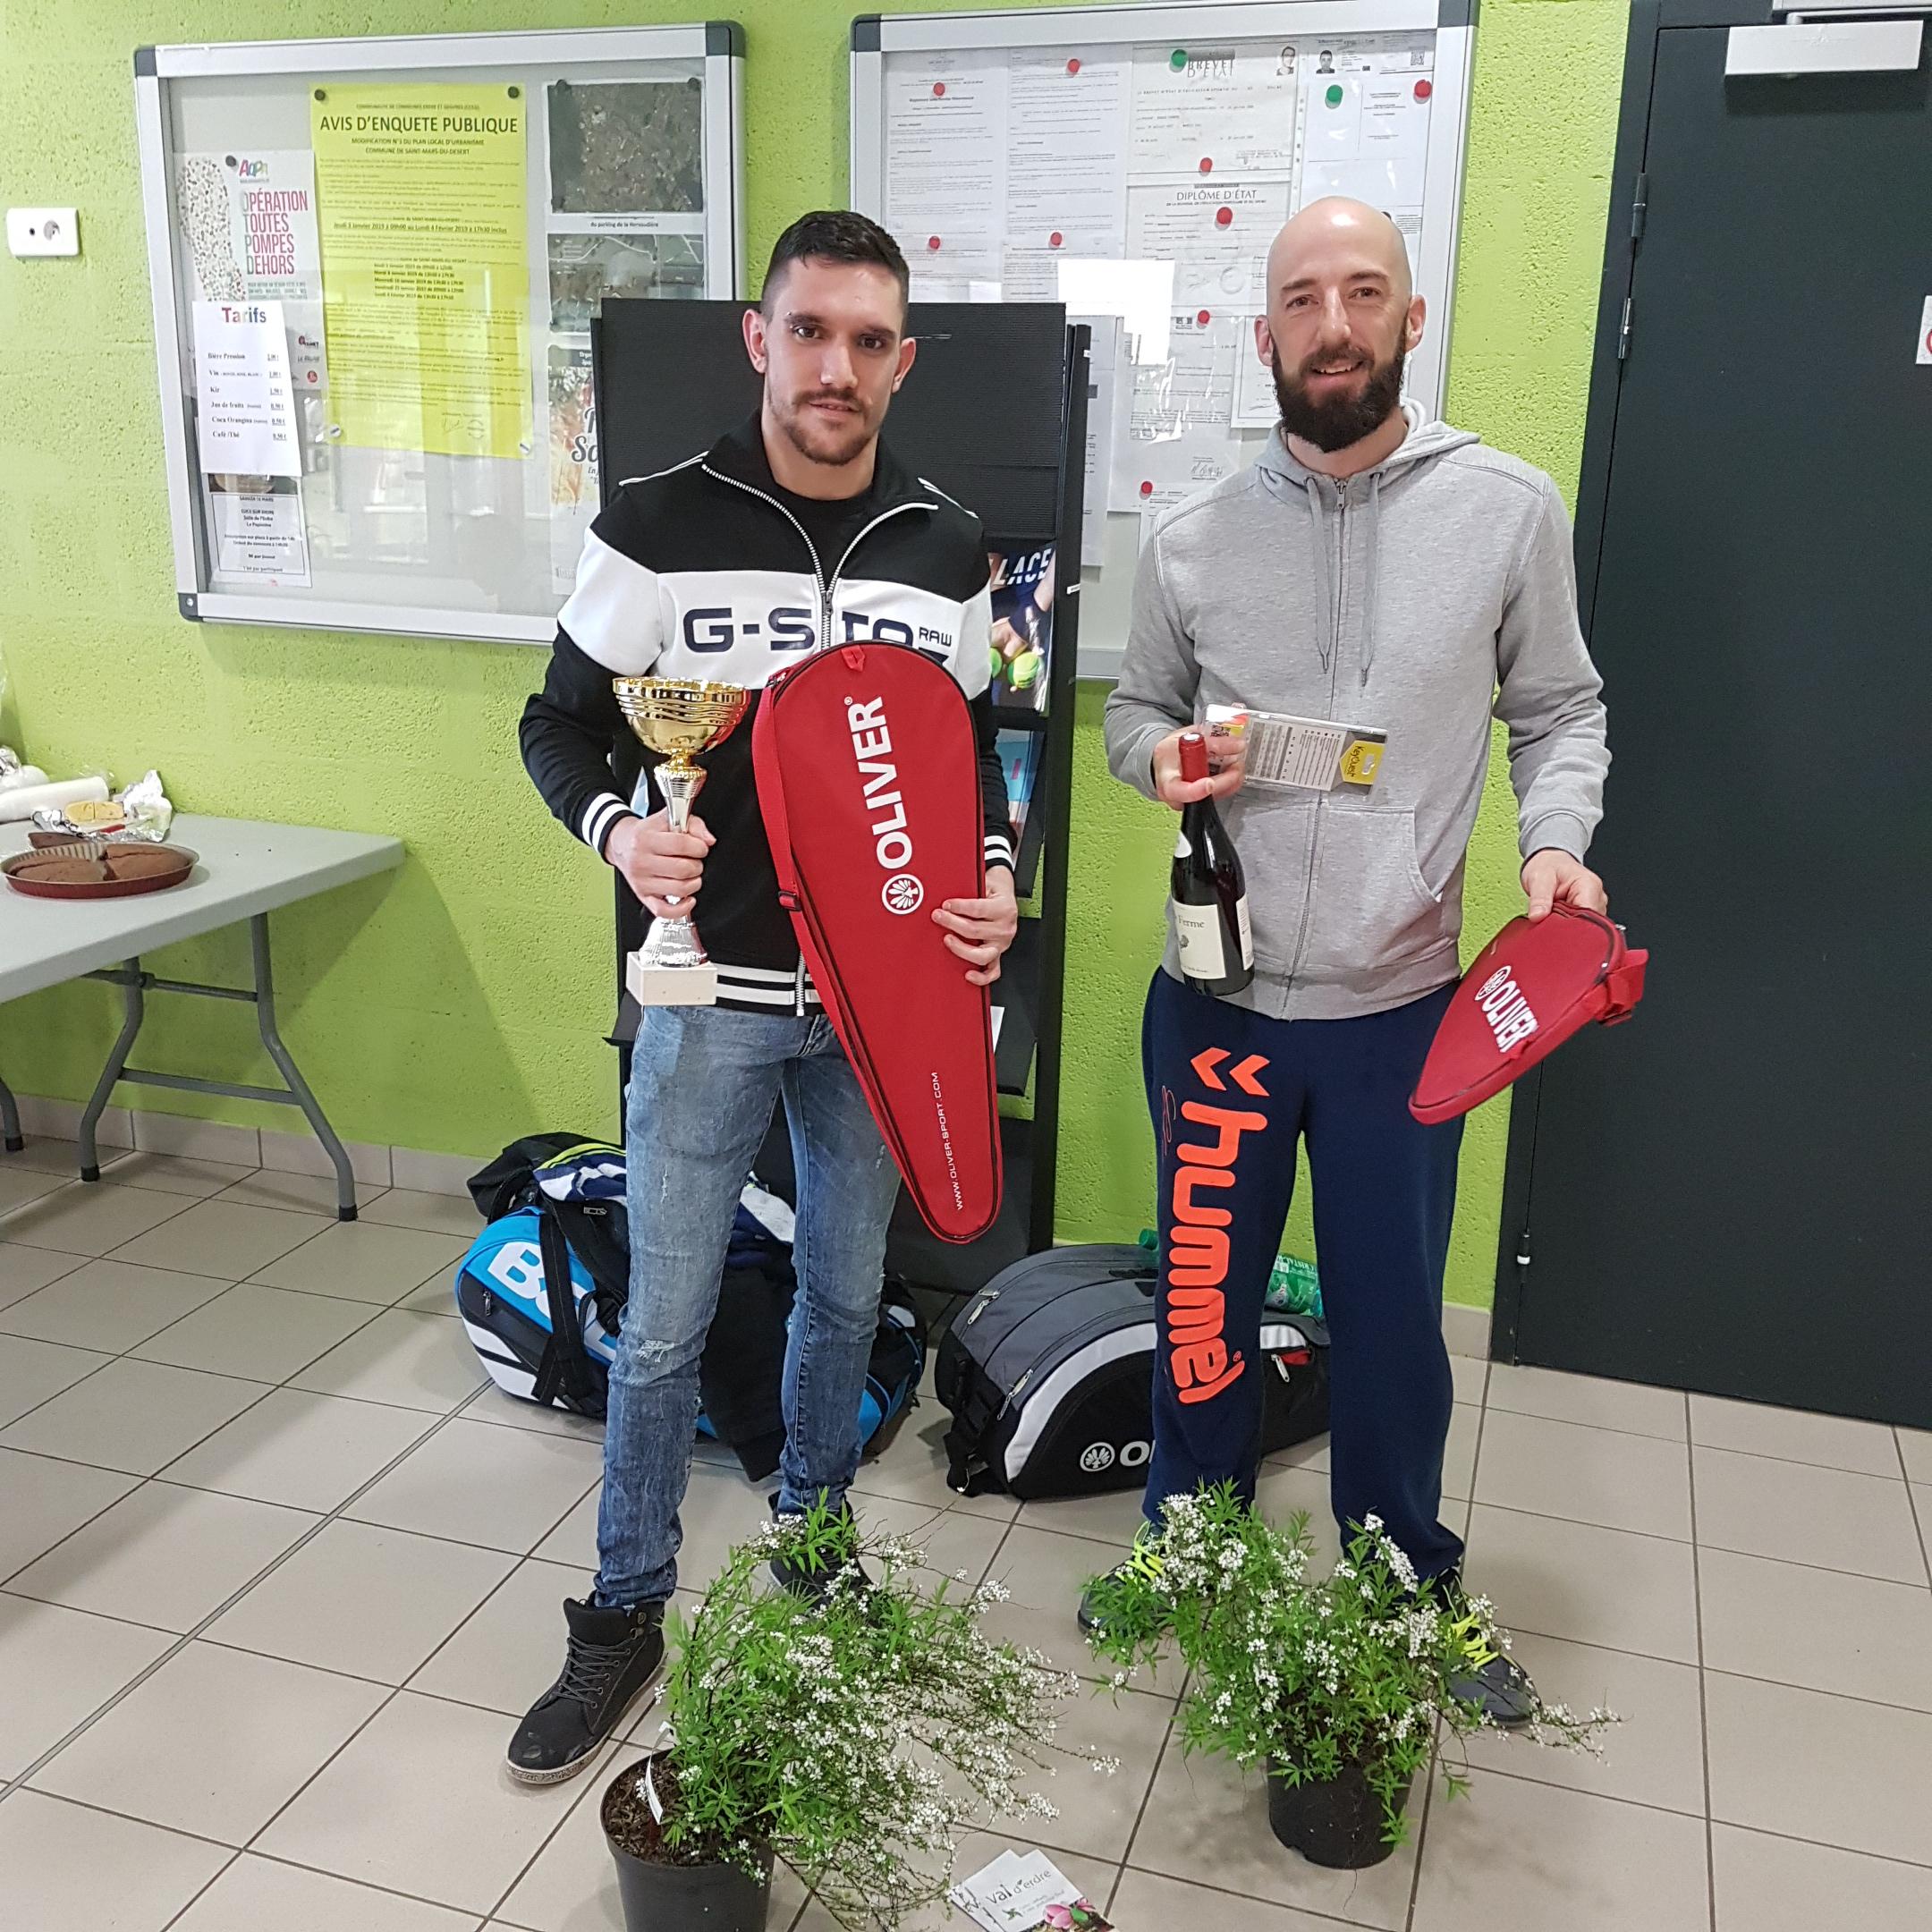 Double Hommes - Vainqueur Principale